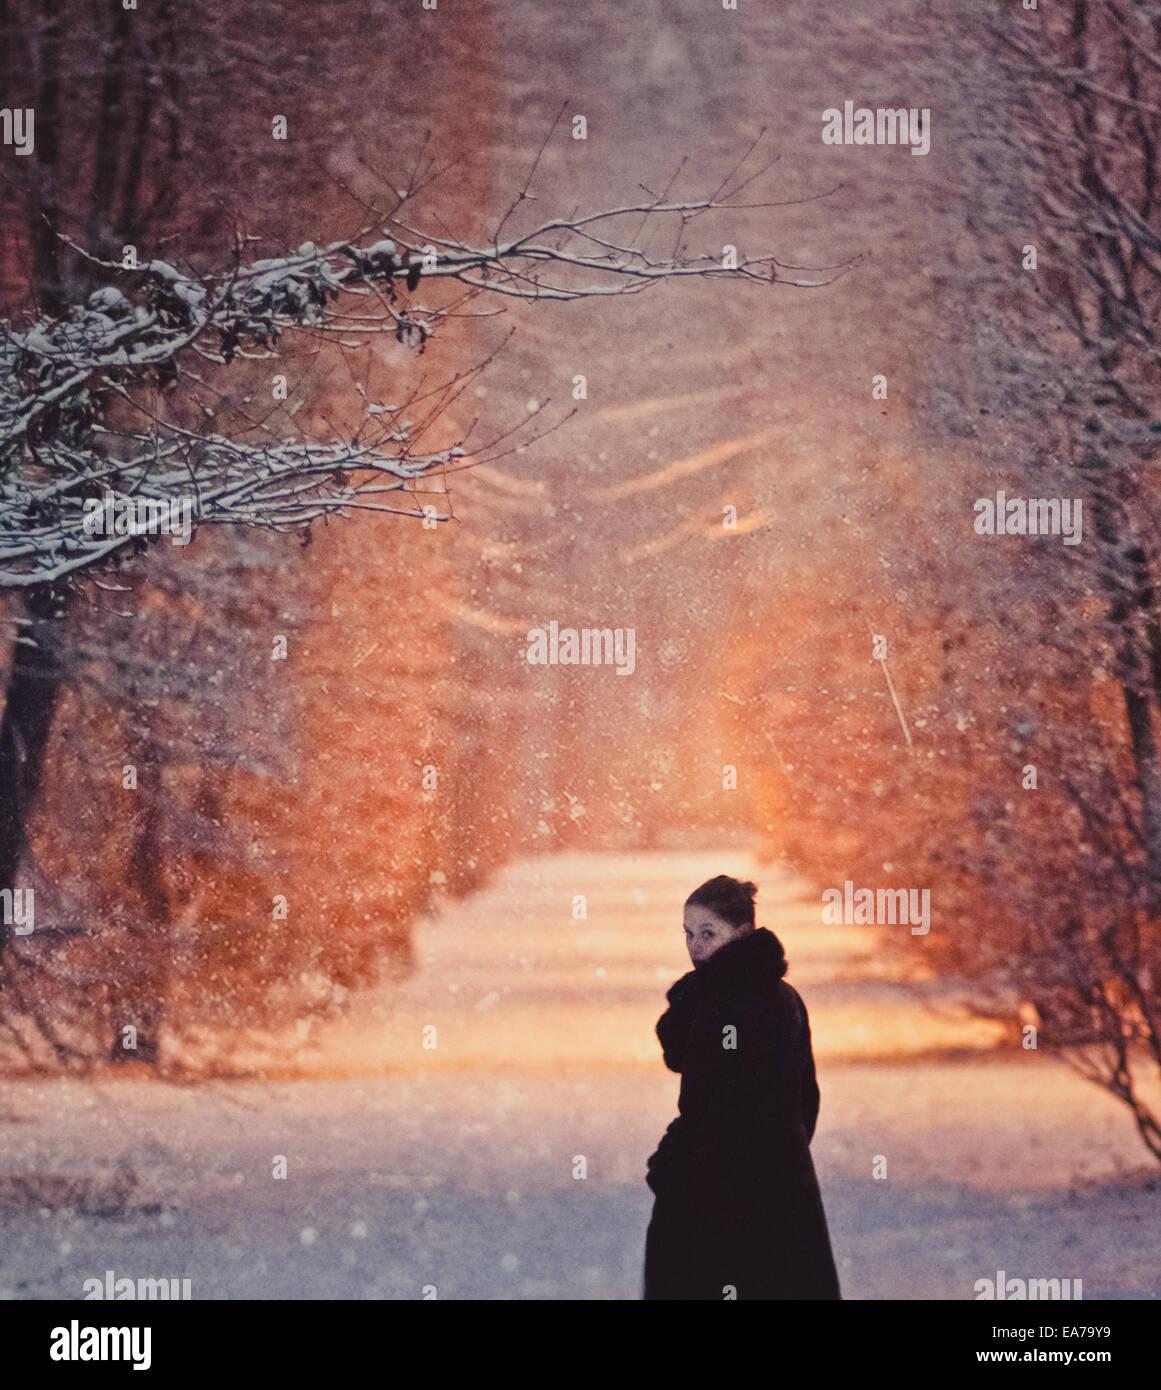 Um passeio em um parque de neve Imagens de Stock